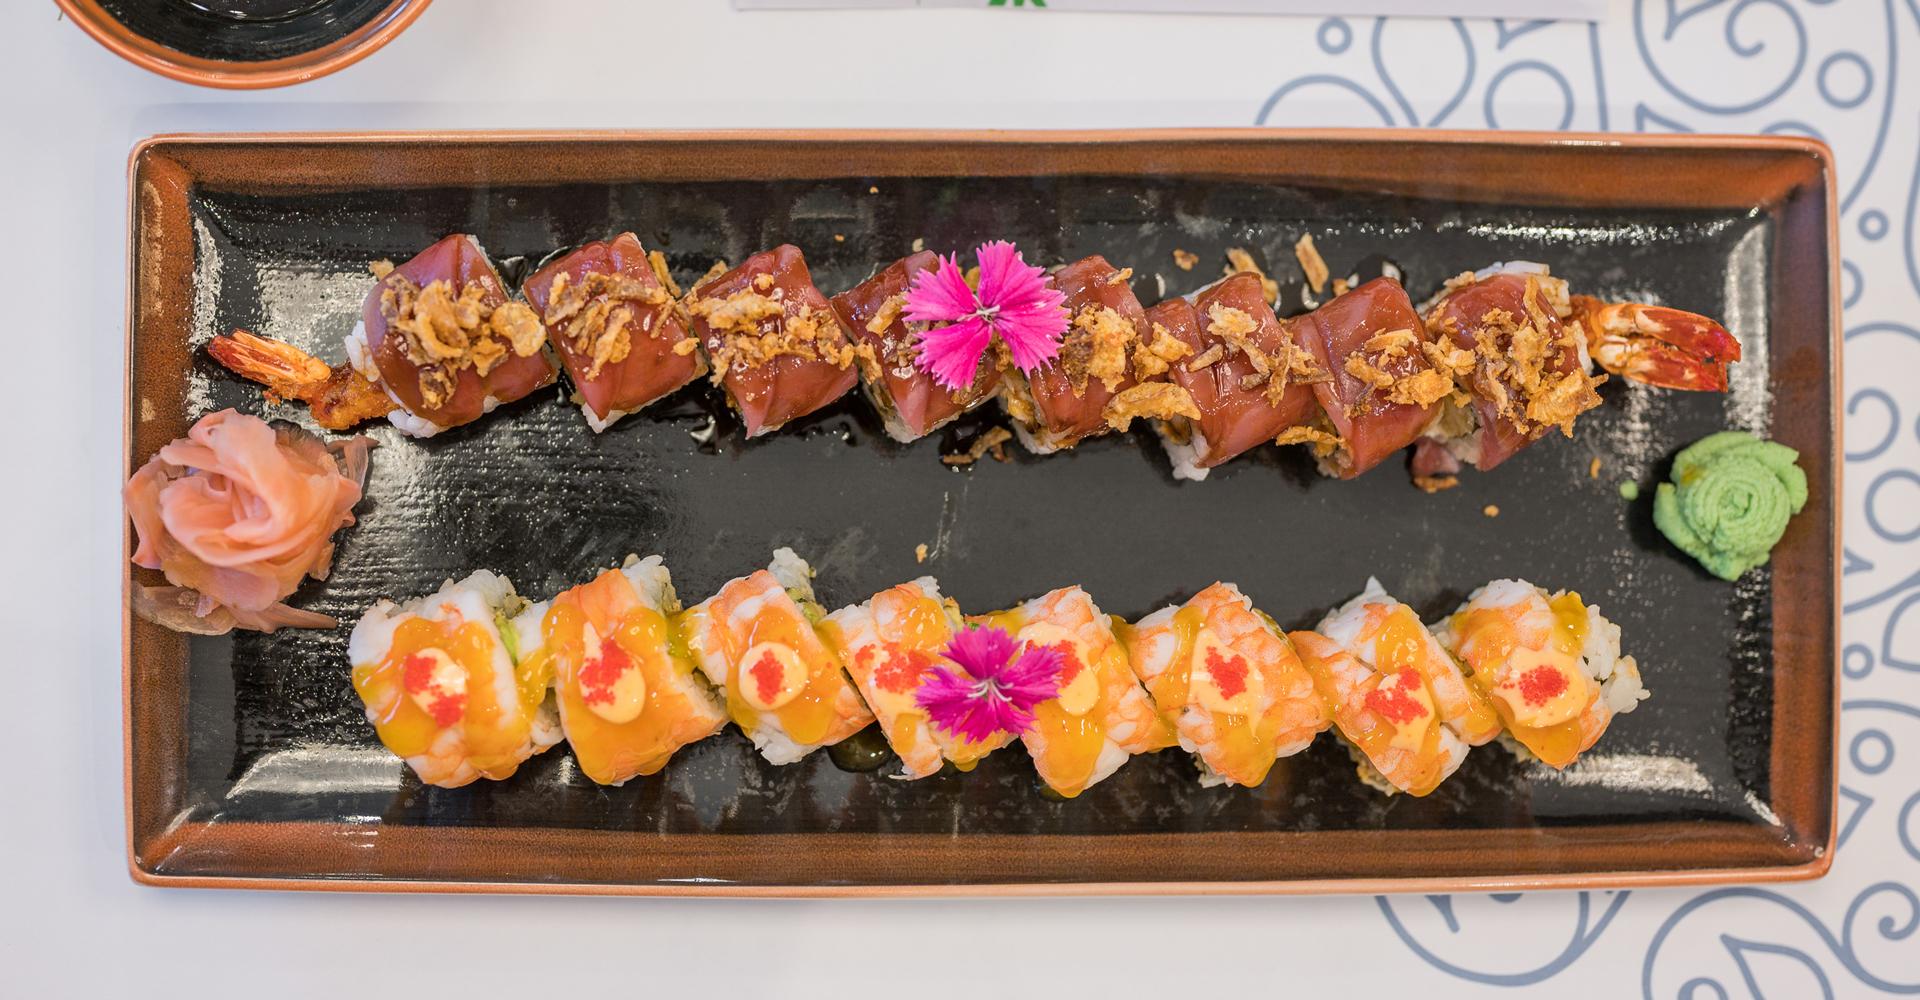 Σούσι στα χανιά- μενού σούσι- σούσι εστιατόριο χανιά- εστιατόρια με σούσι χανιά- ασιατική κουζίνα χανιά- πολυτελή εστιατόρια χανιά- εστιατόριο almyvita